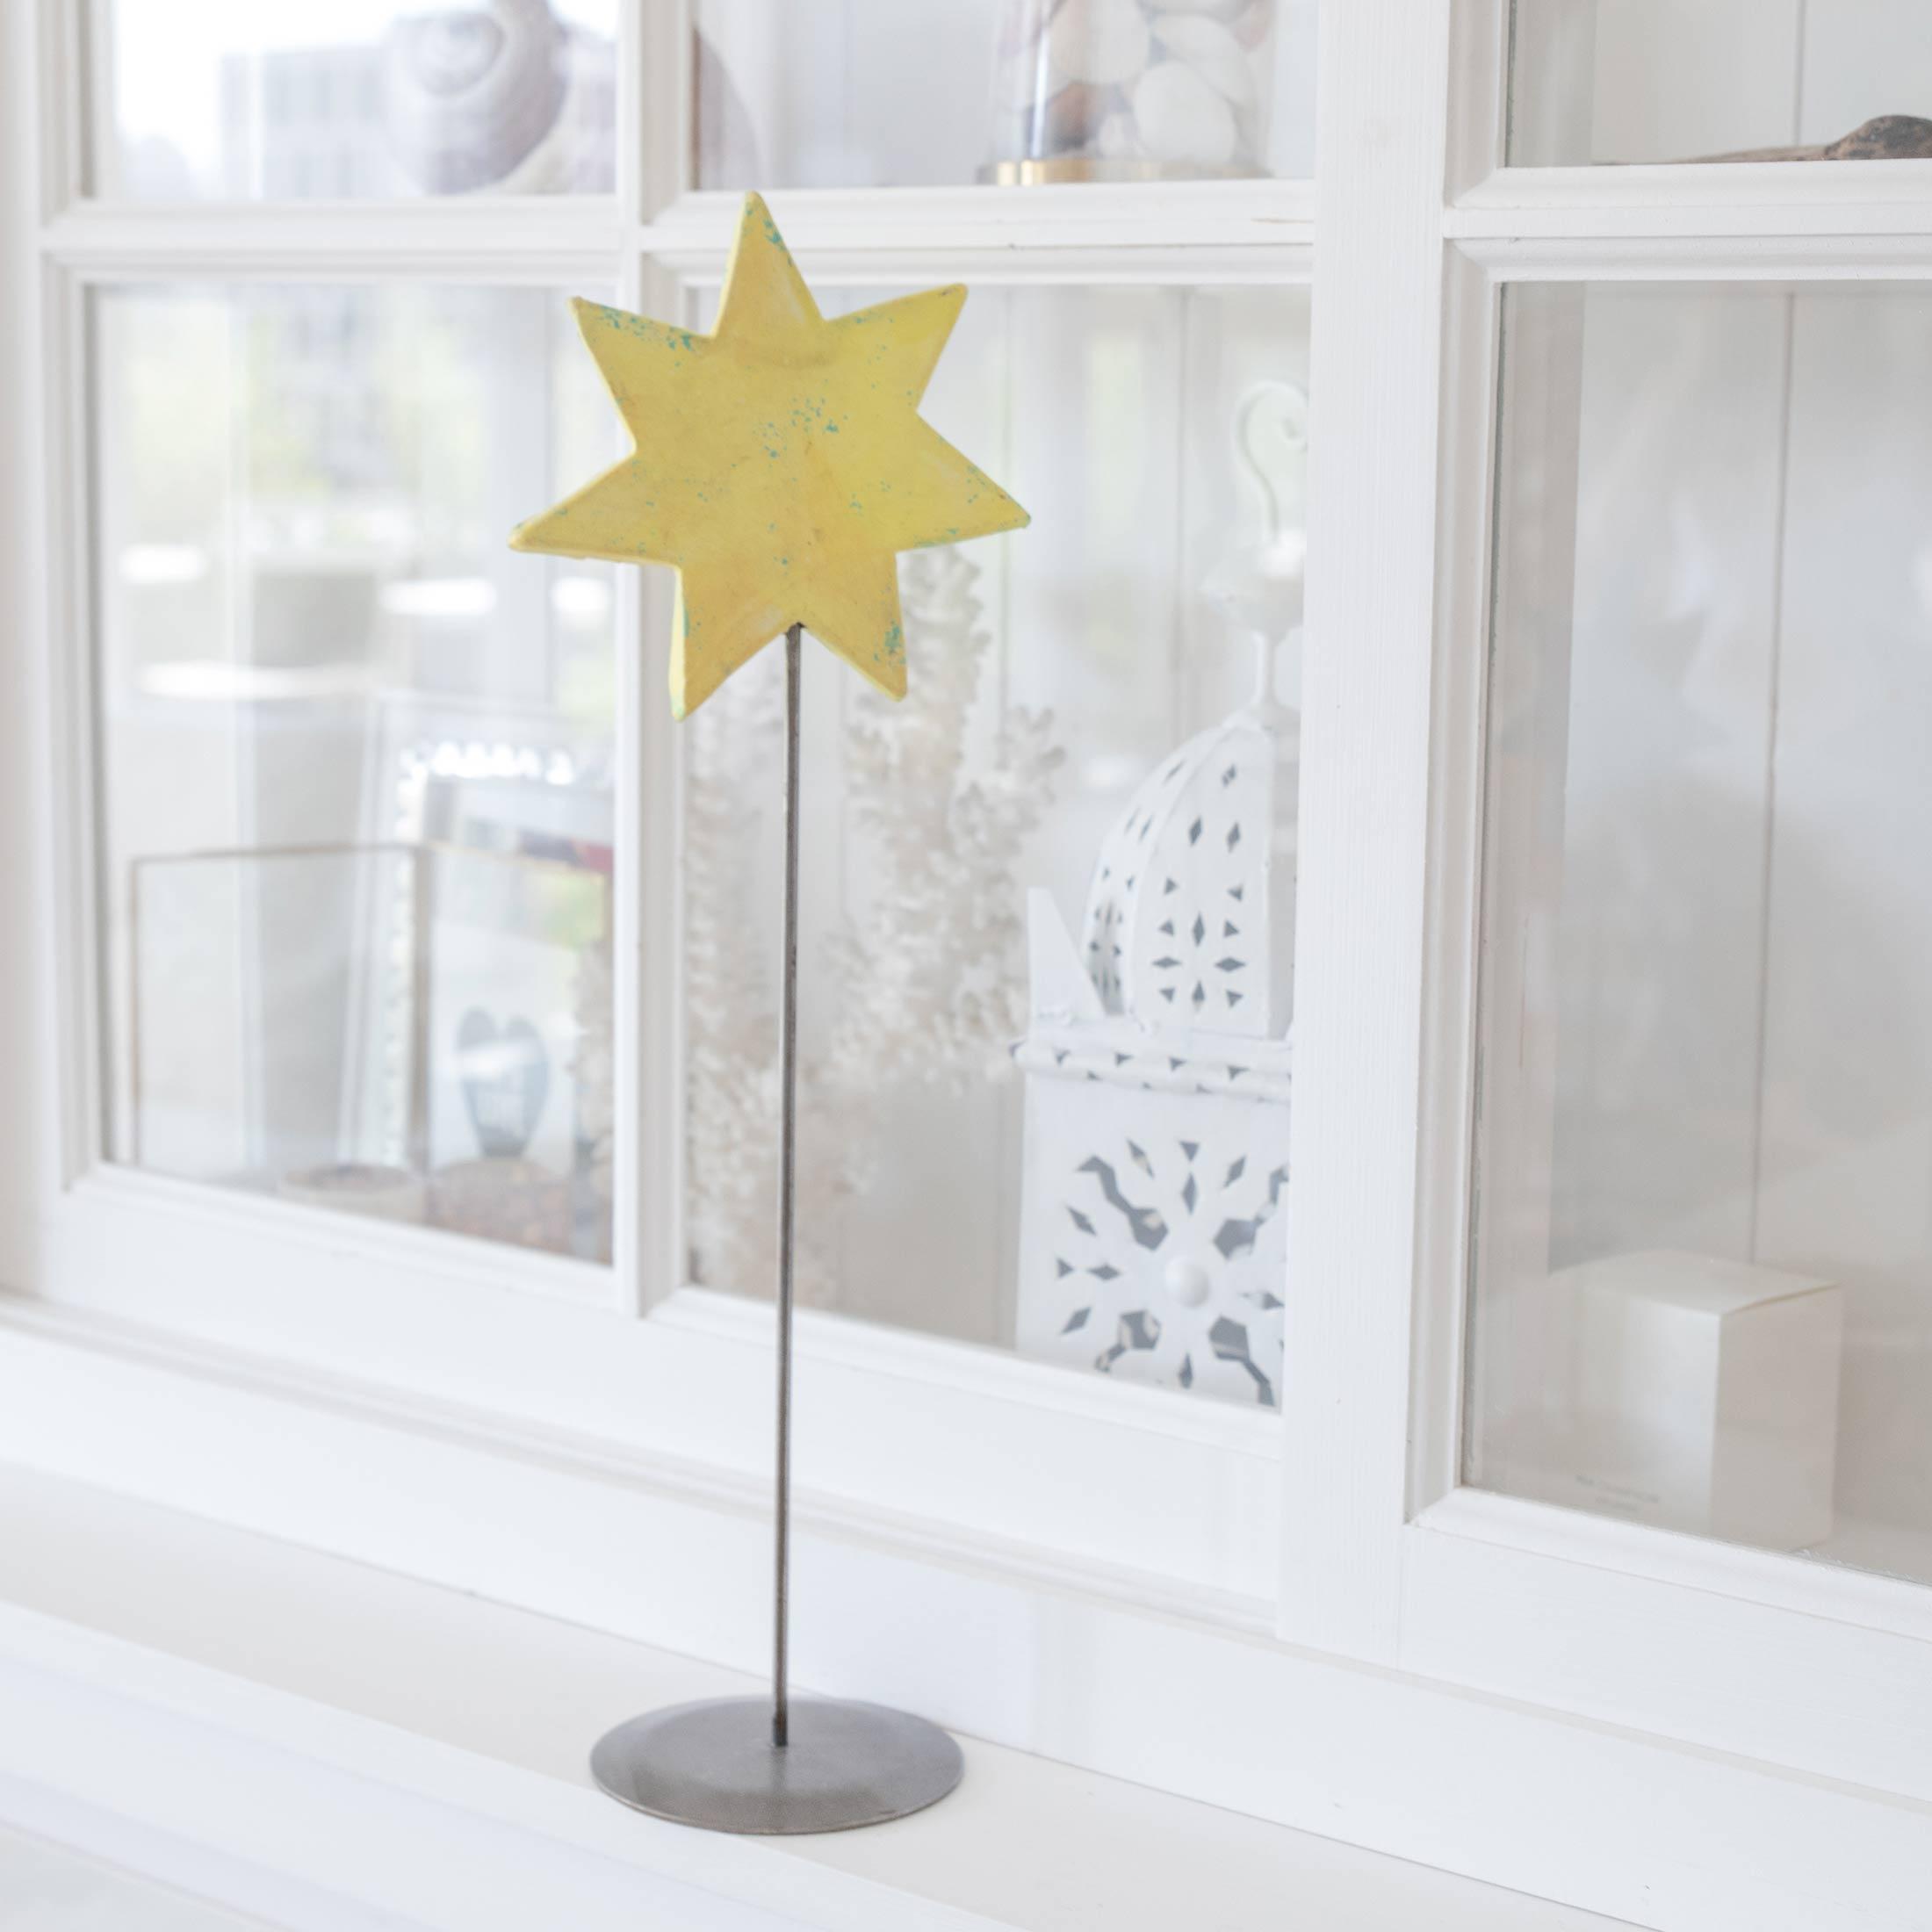 Gelber Deko Stern auf Ständer für die skandinavische Dekoration im Advent | dekorieren Onlineshop Soulbirdee | Weihnachtsdeko online kaufen